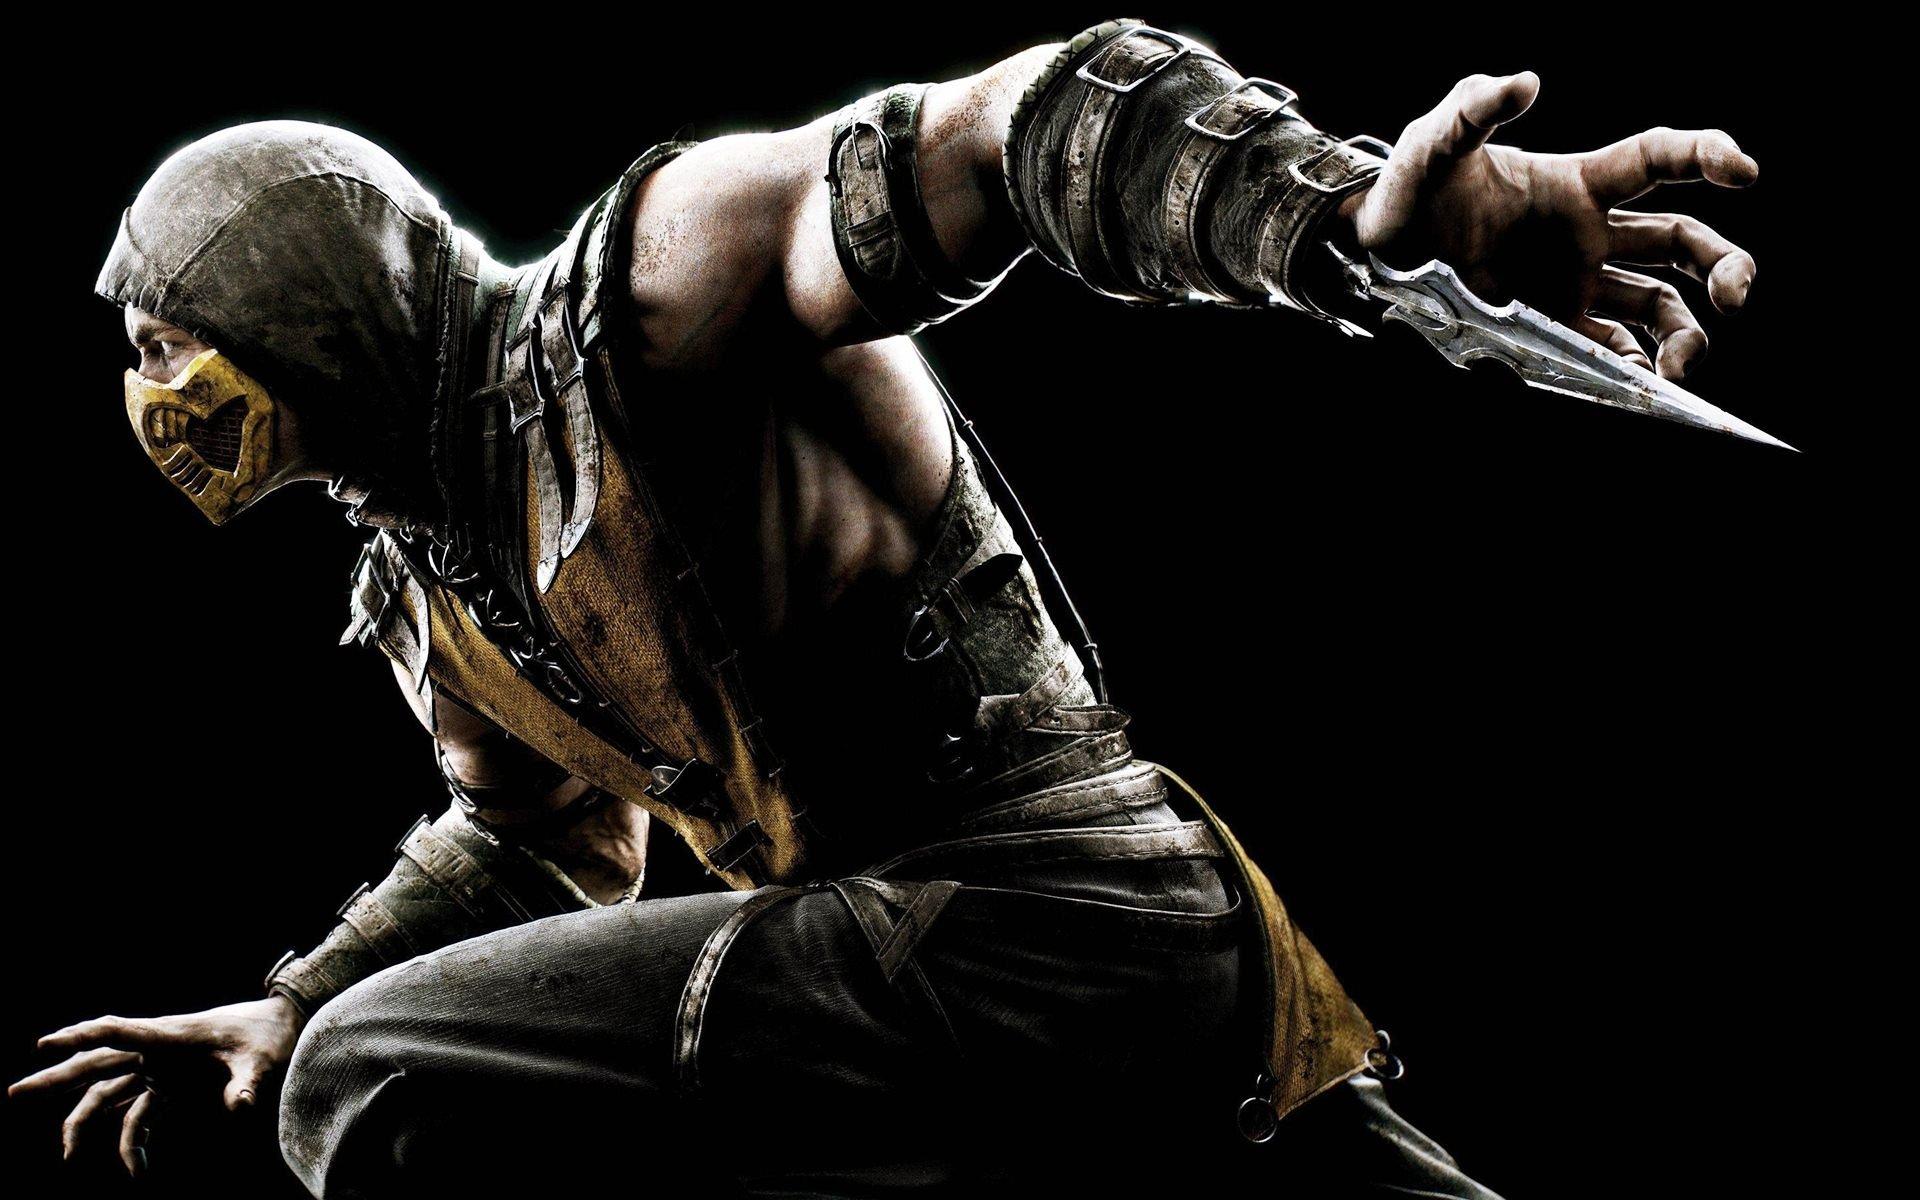 Официально: Mortal Kombat X на PS3 и Xbox 360 не отменен. - Изображение 1